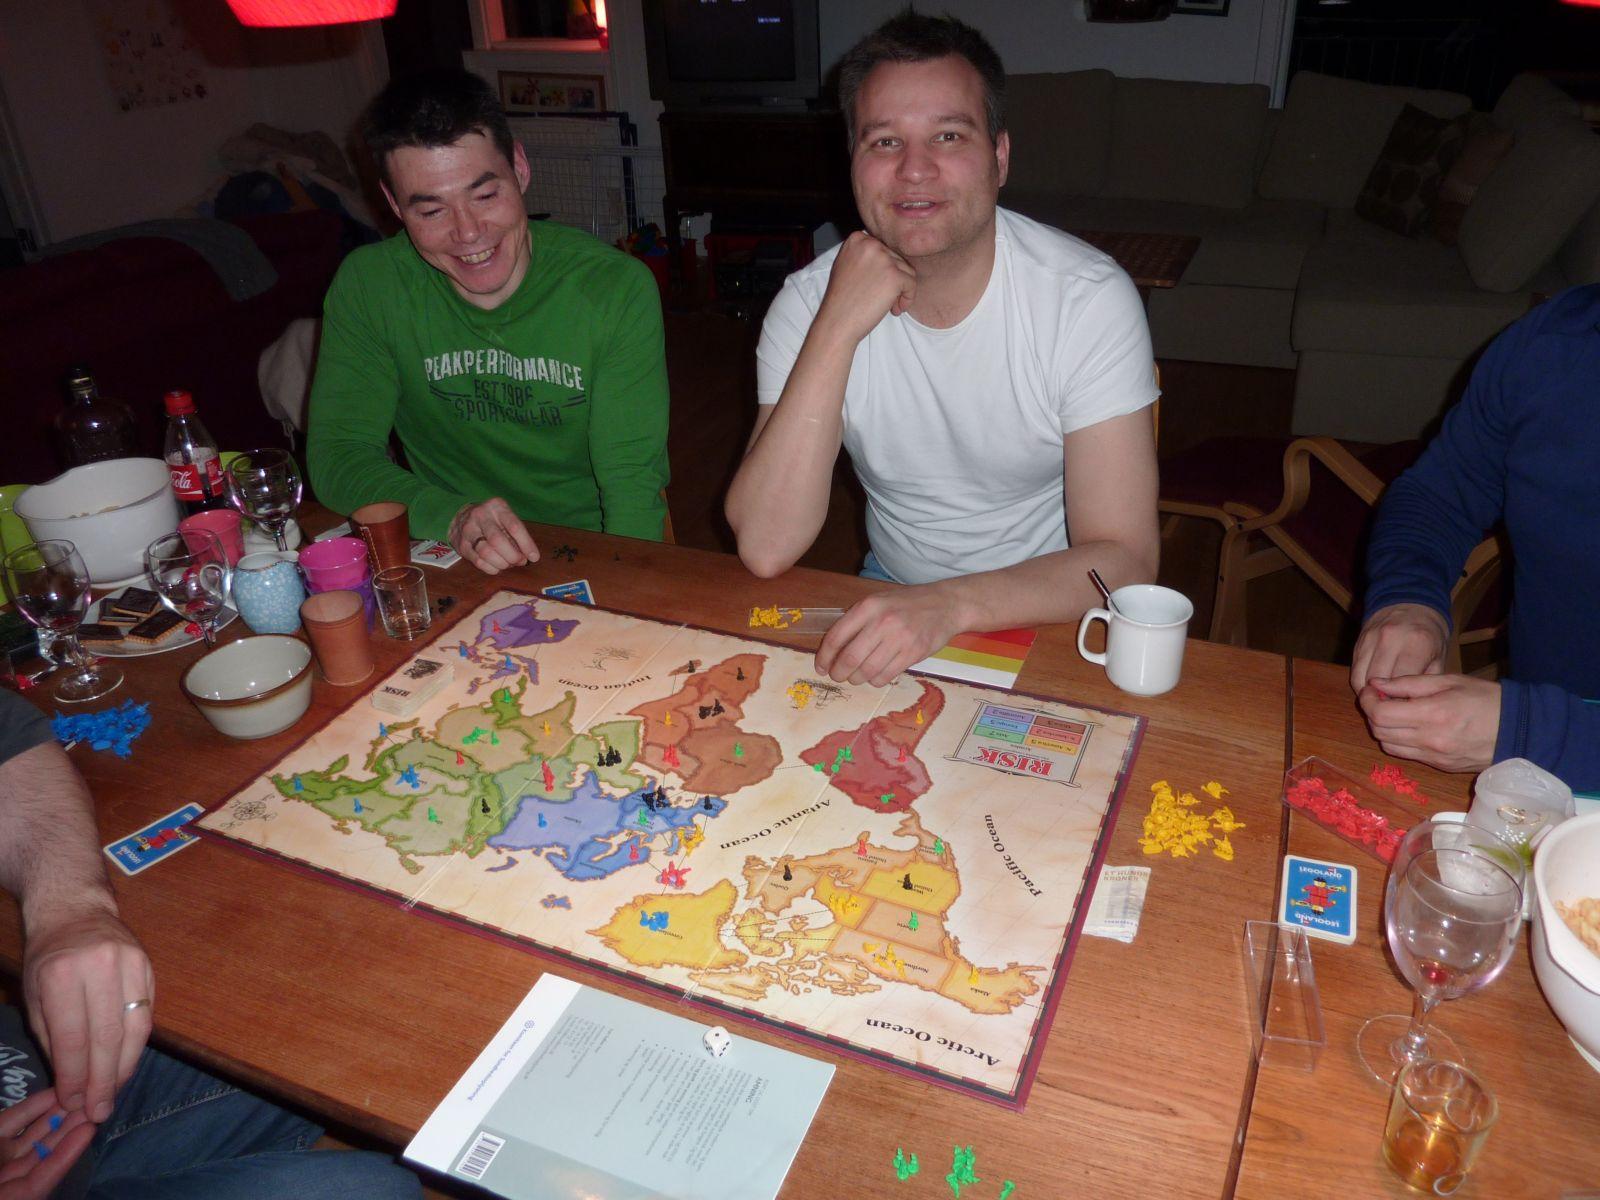 2010-11-27-2239_-_John Telling; Risk; Svend Sværd